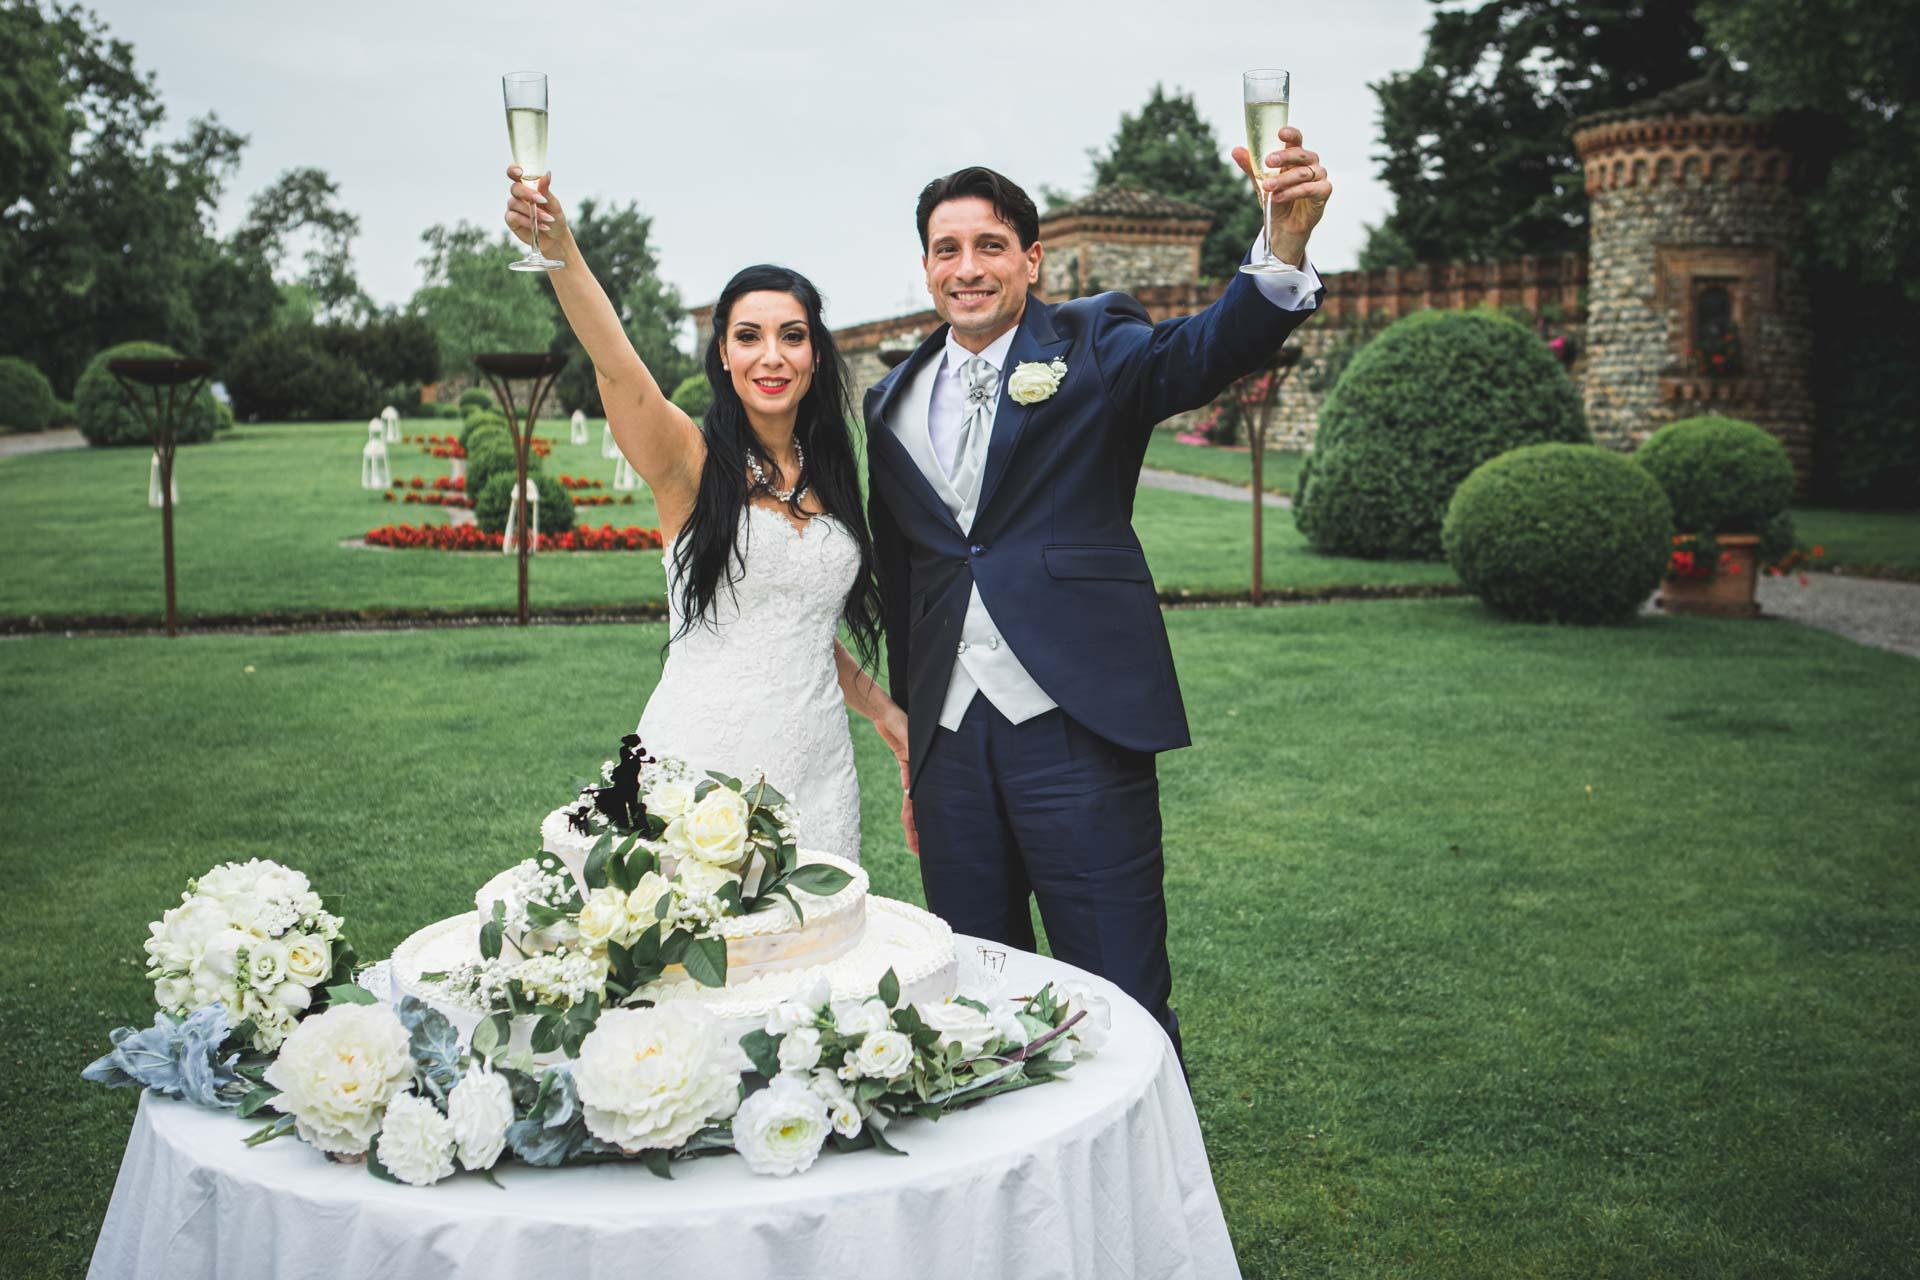 matrimonio sposi brindisi taglio torta